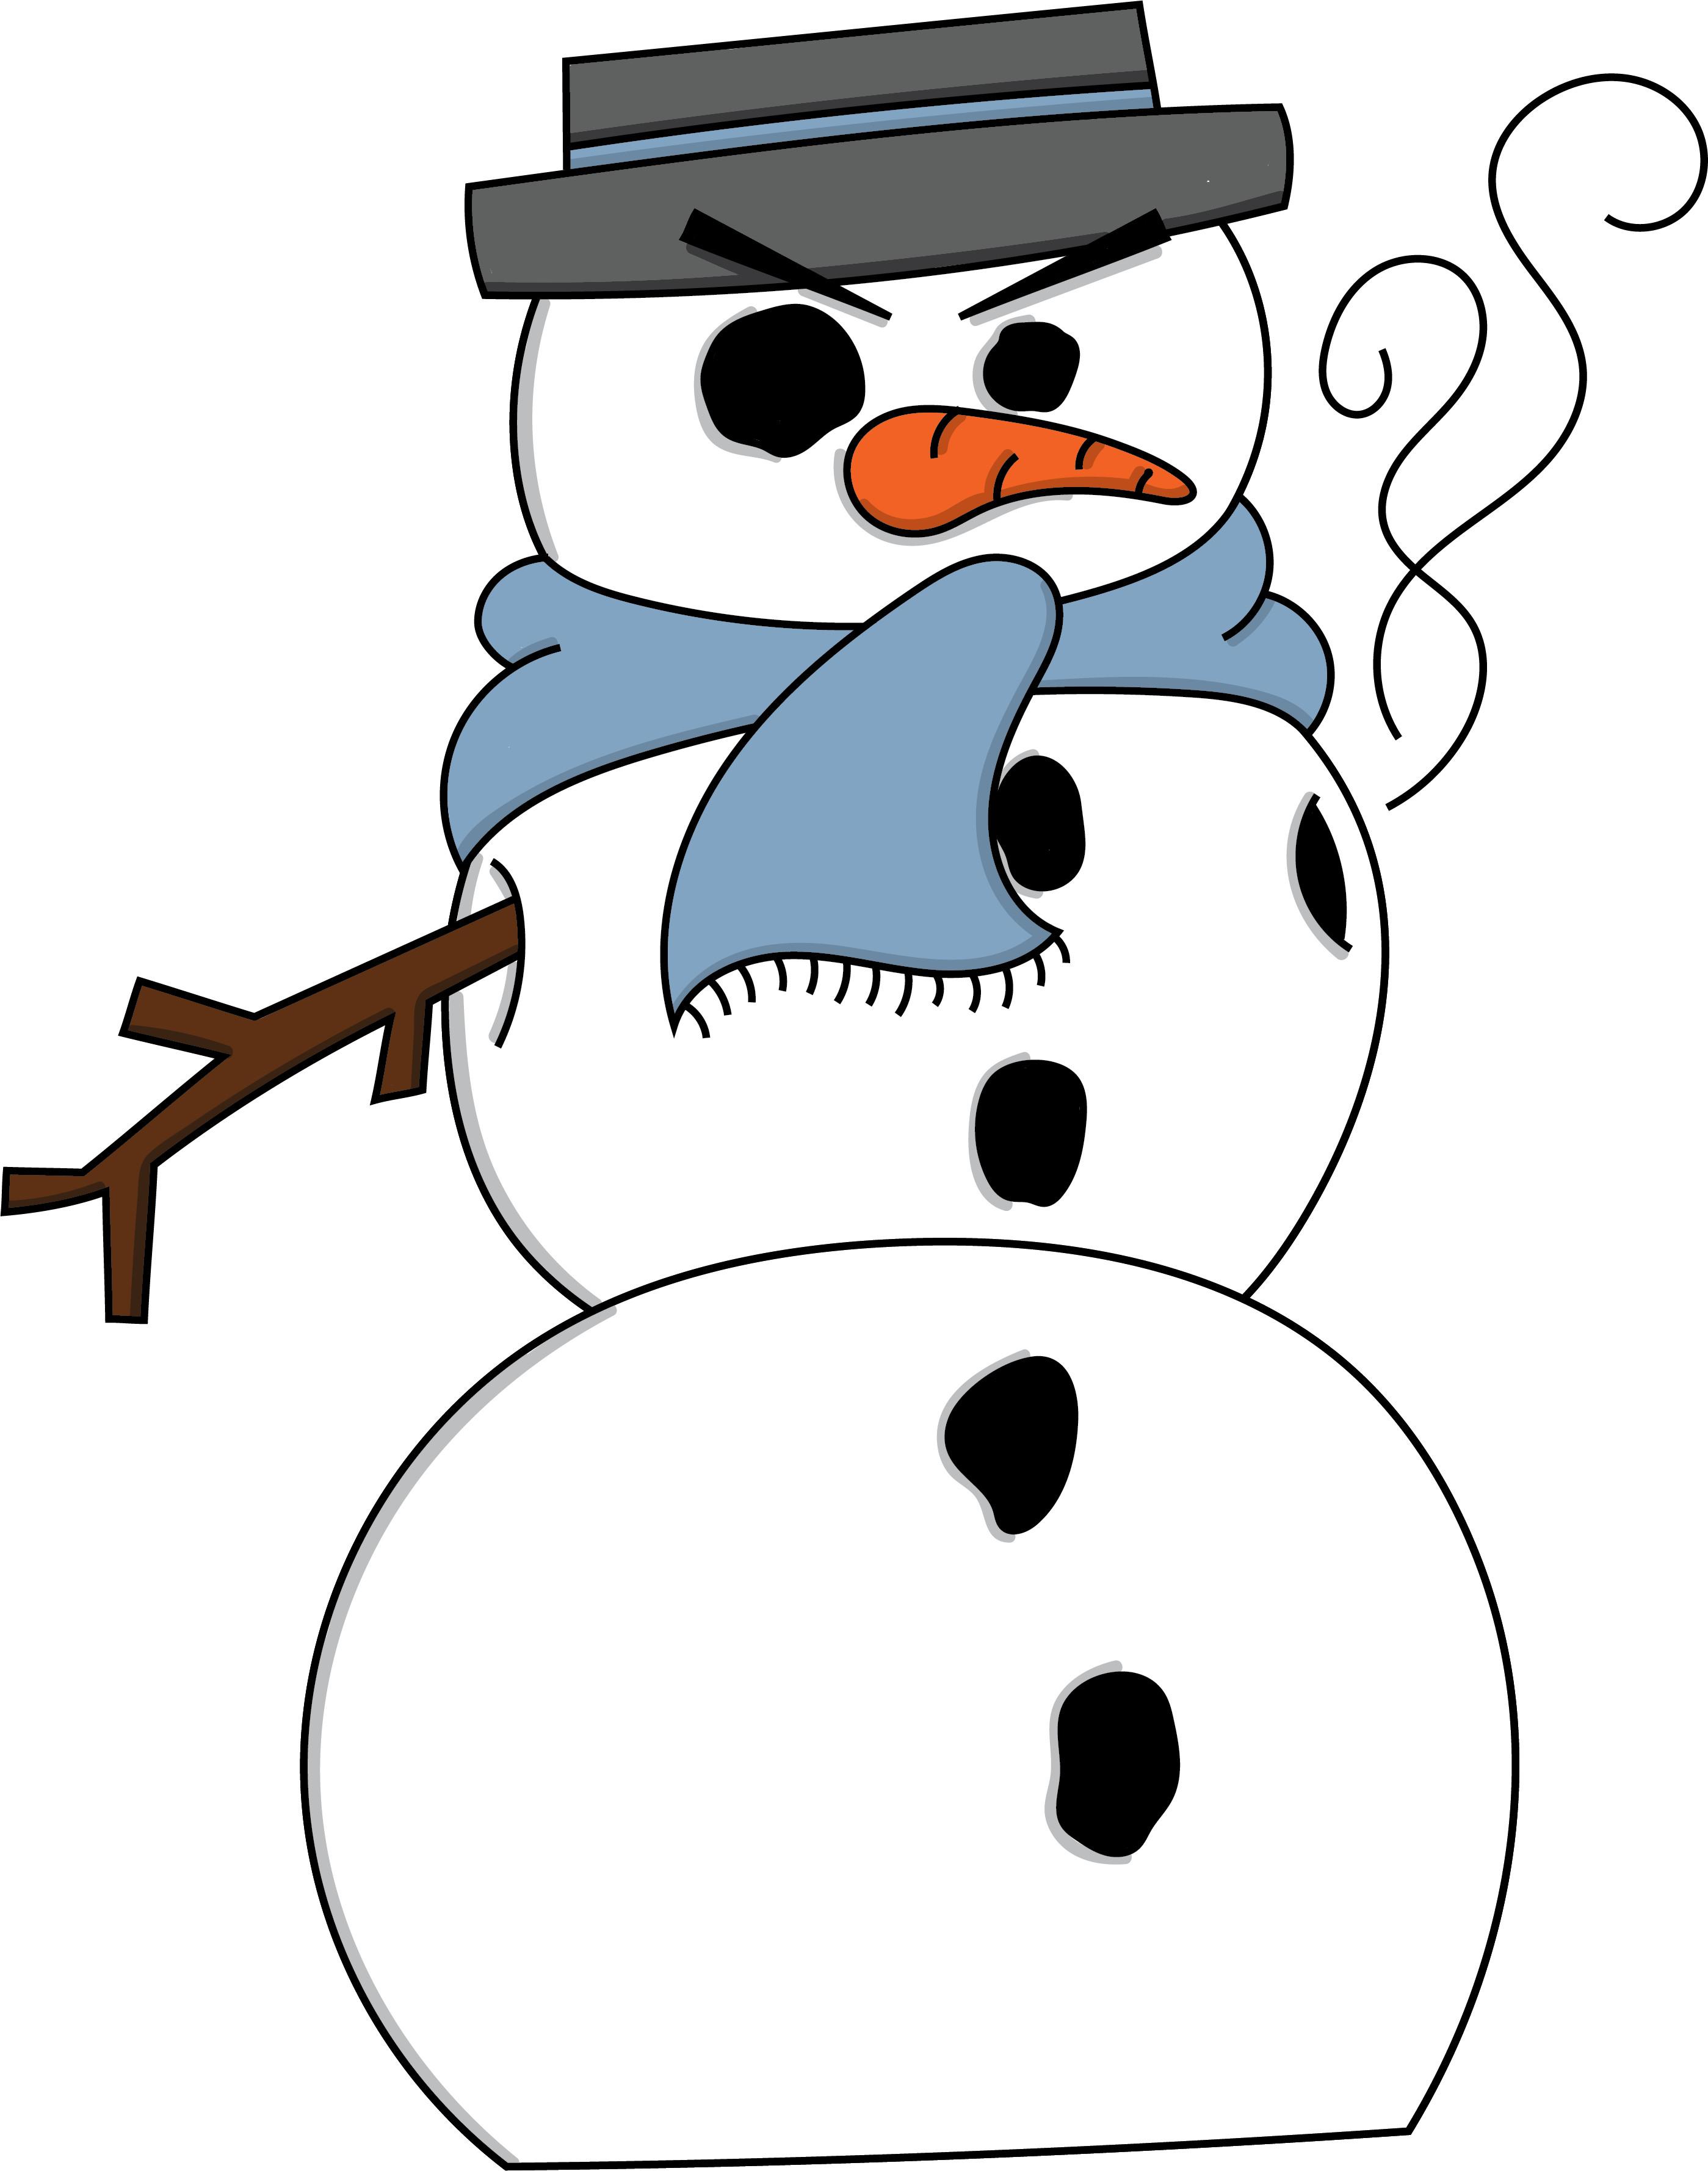 Snowscot